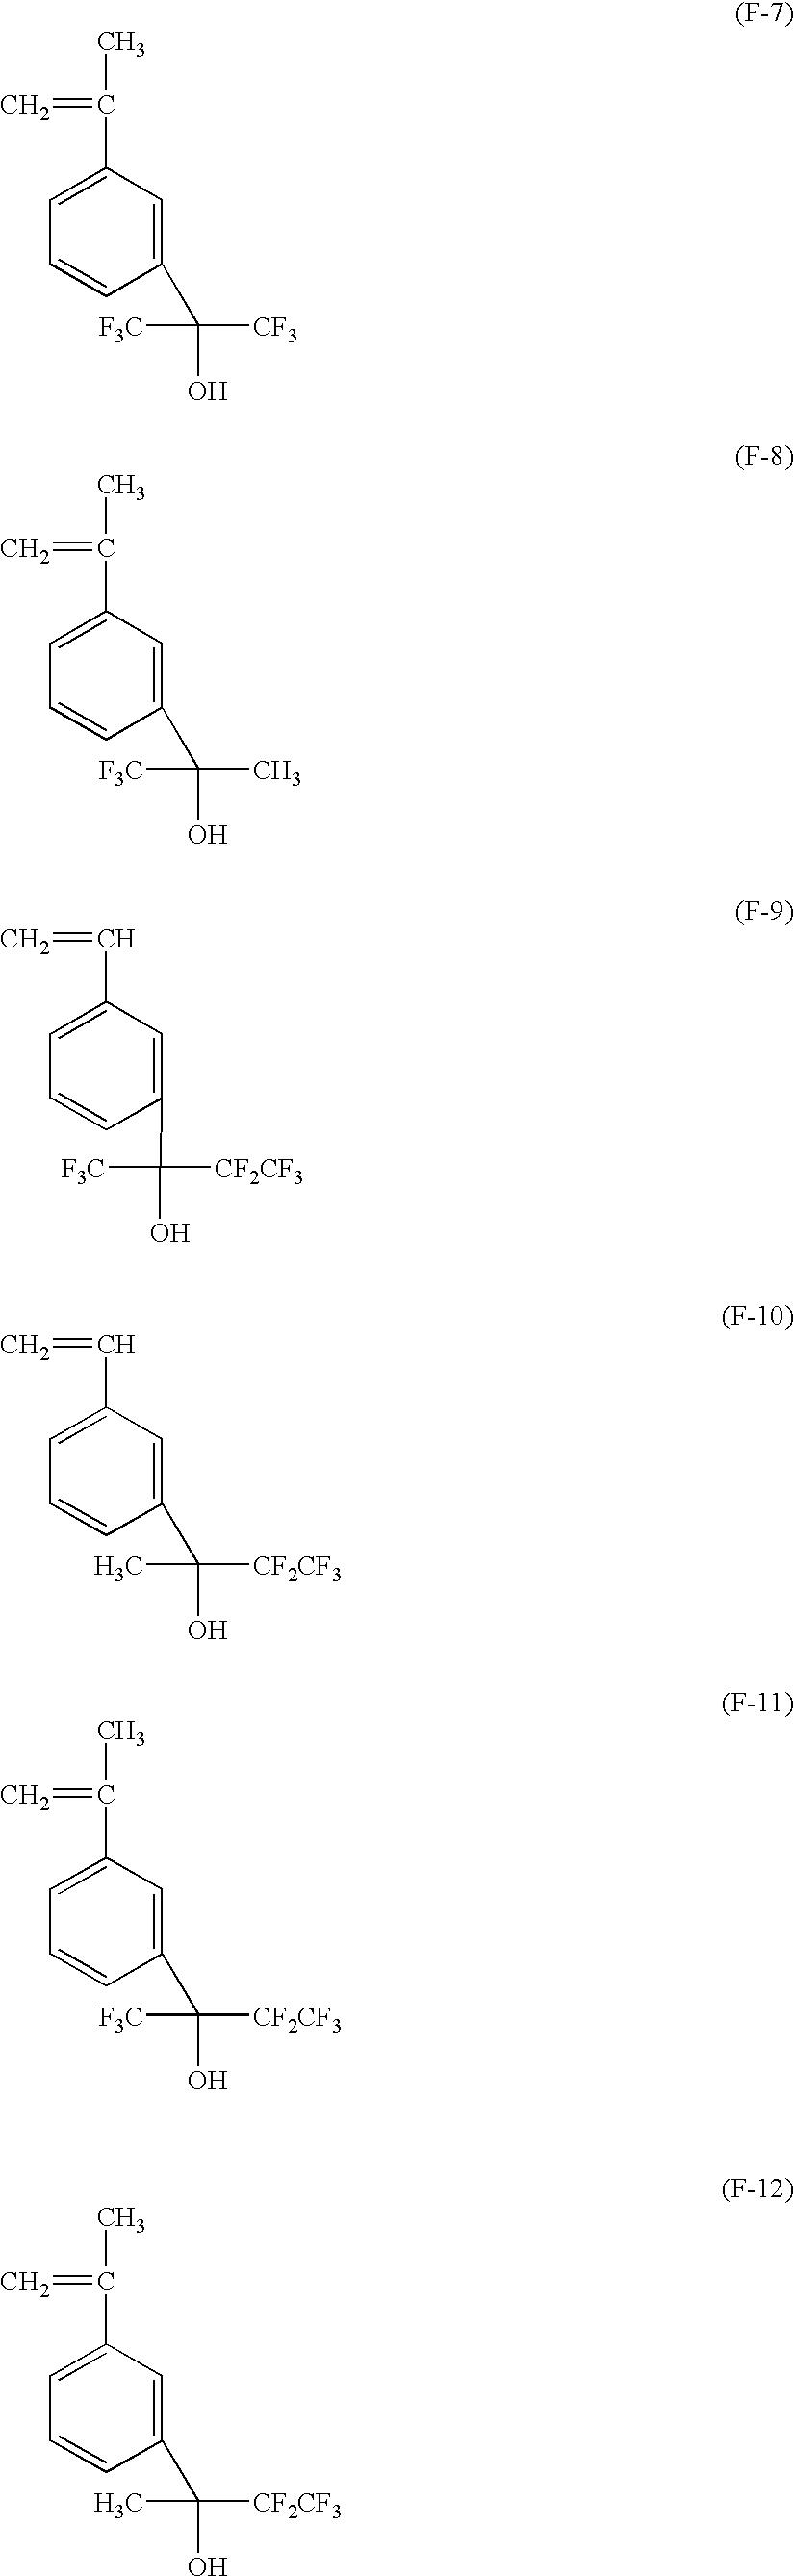 Figure US06830872-20041214-C00007